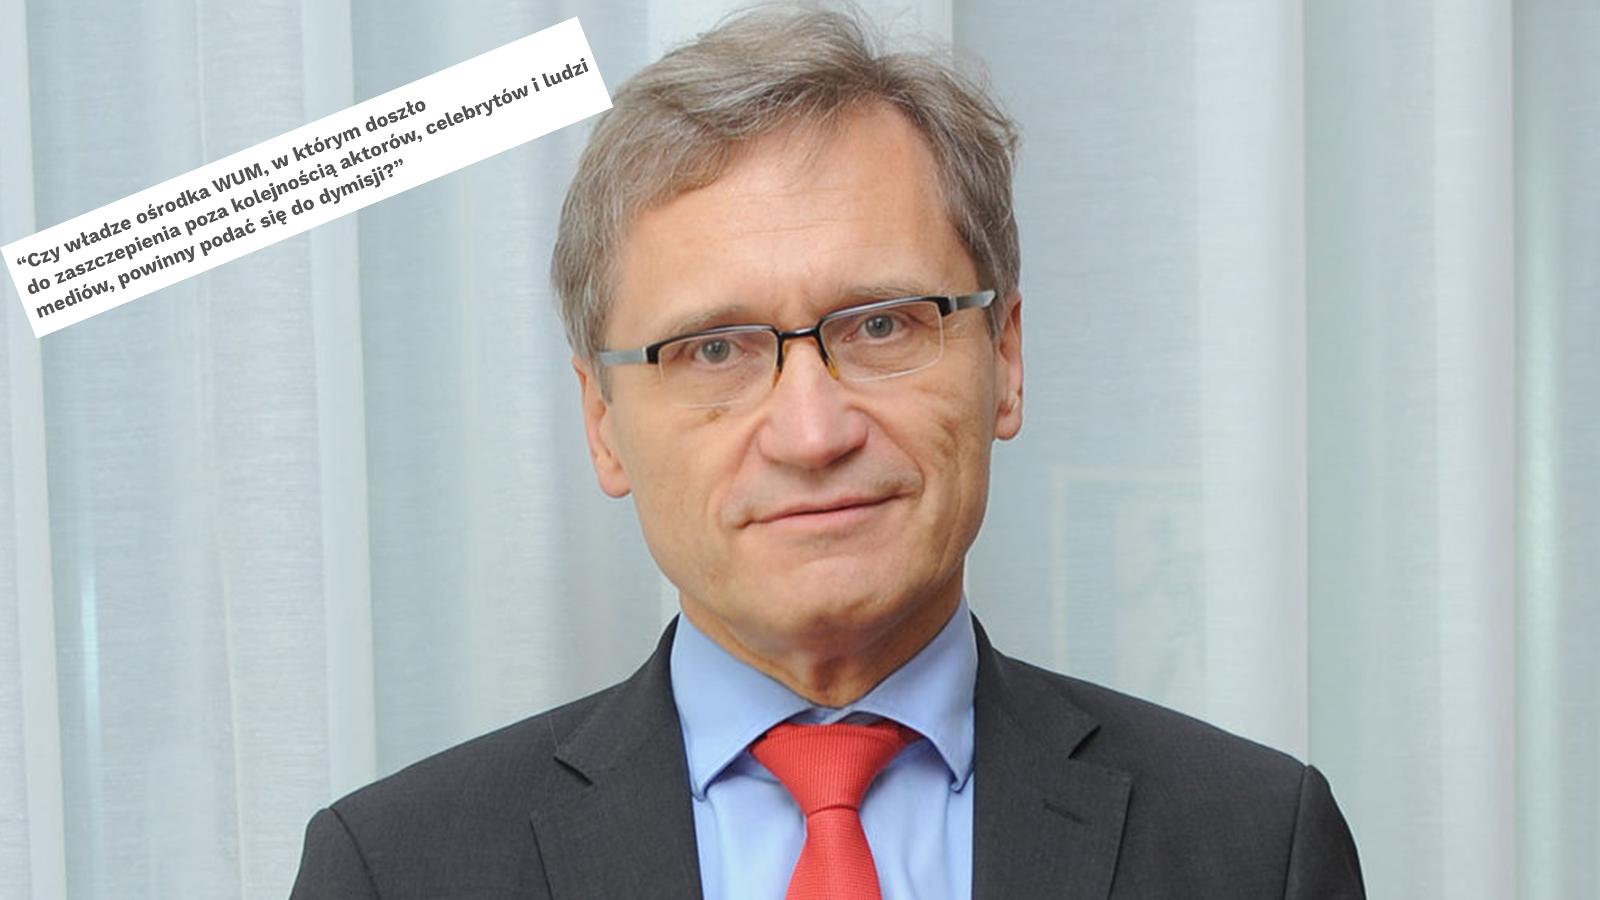 [SONDAŻ] Połowa Polaków zadymisją rektora WUM. Przeciwko? Bardzo niewiele